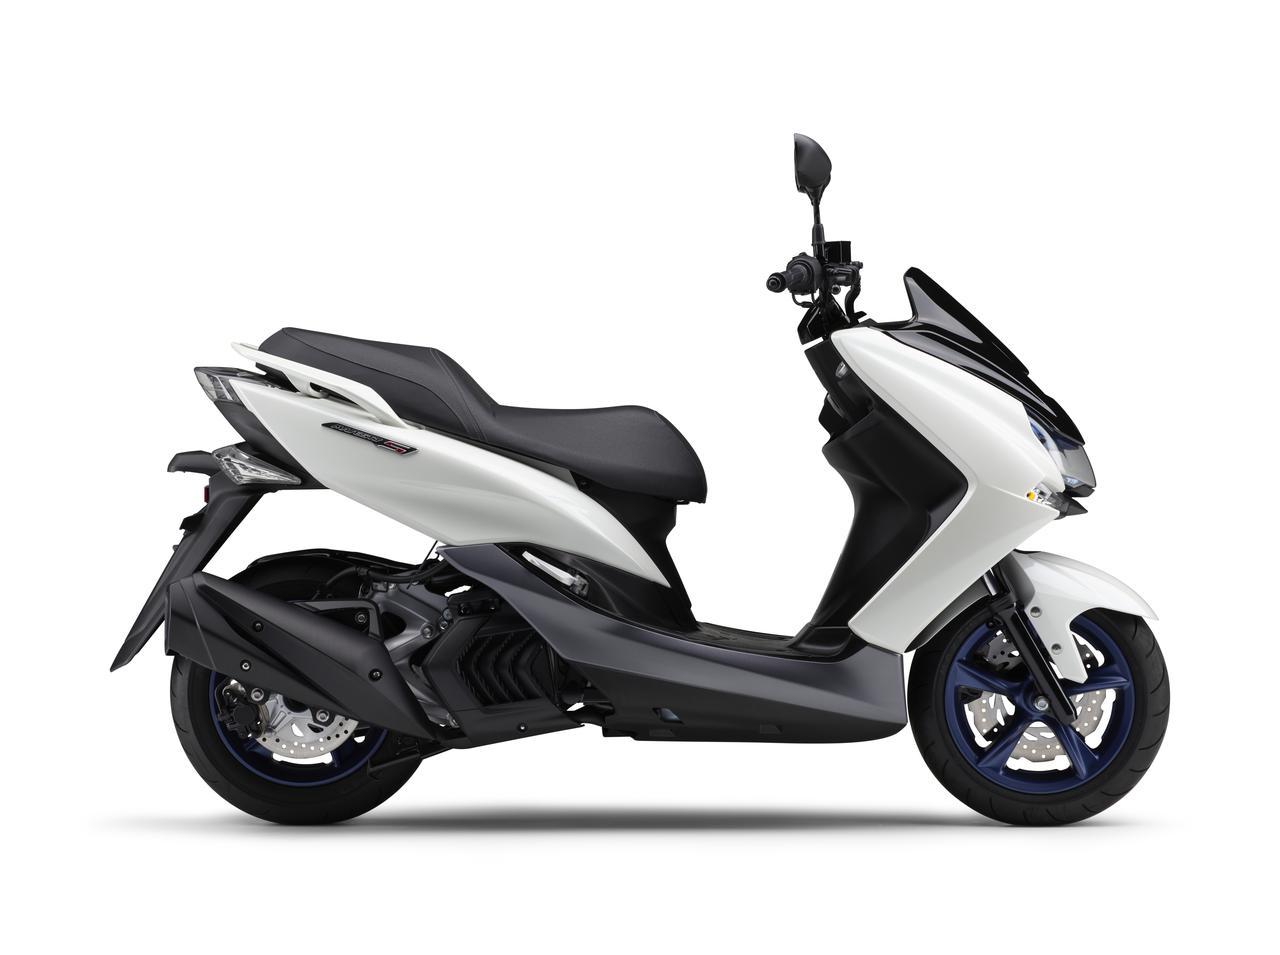 画像1: ヤマハ「マジェスティS」【1分で読める 2021年に新車で購入可能な150ccバイク紹介】